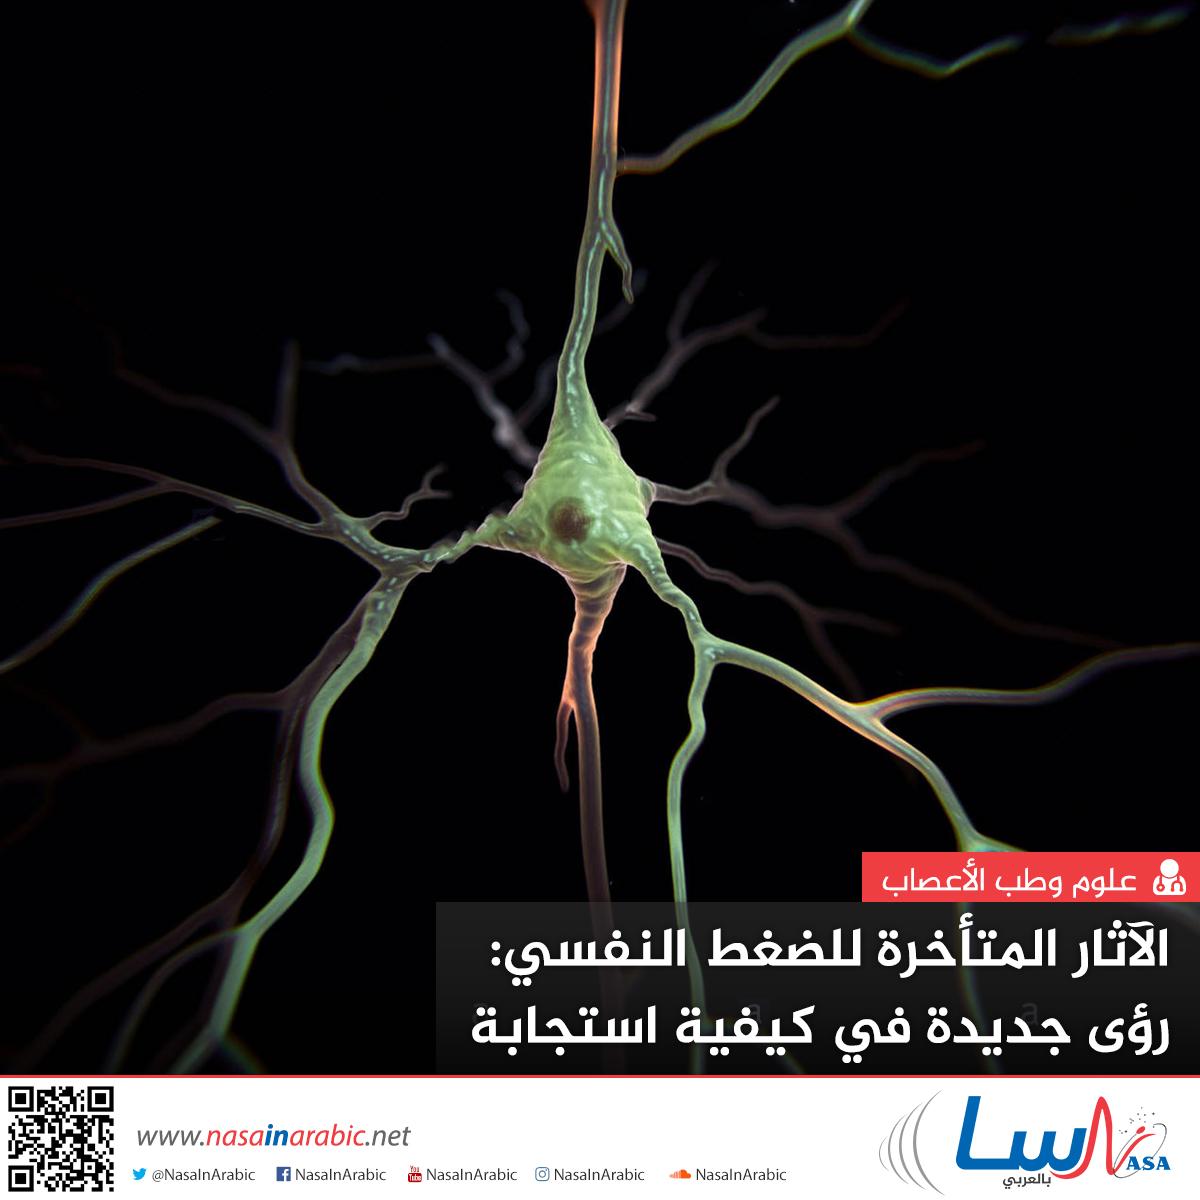 الآثار المتأخرة للضغط النفسي: رؤى جديدة في كيفية استجابة الدماغ للصدمات